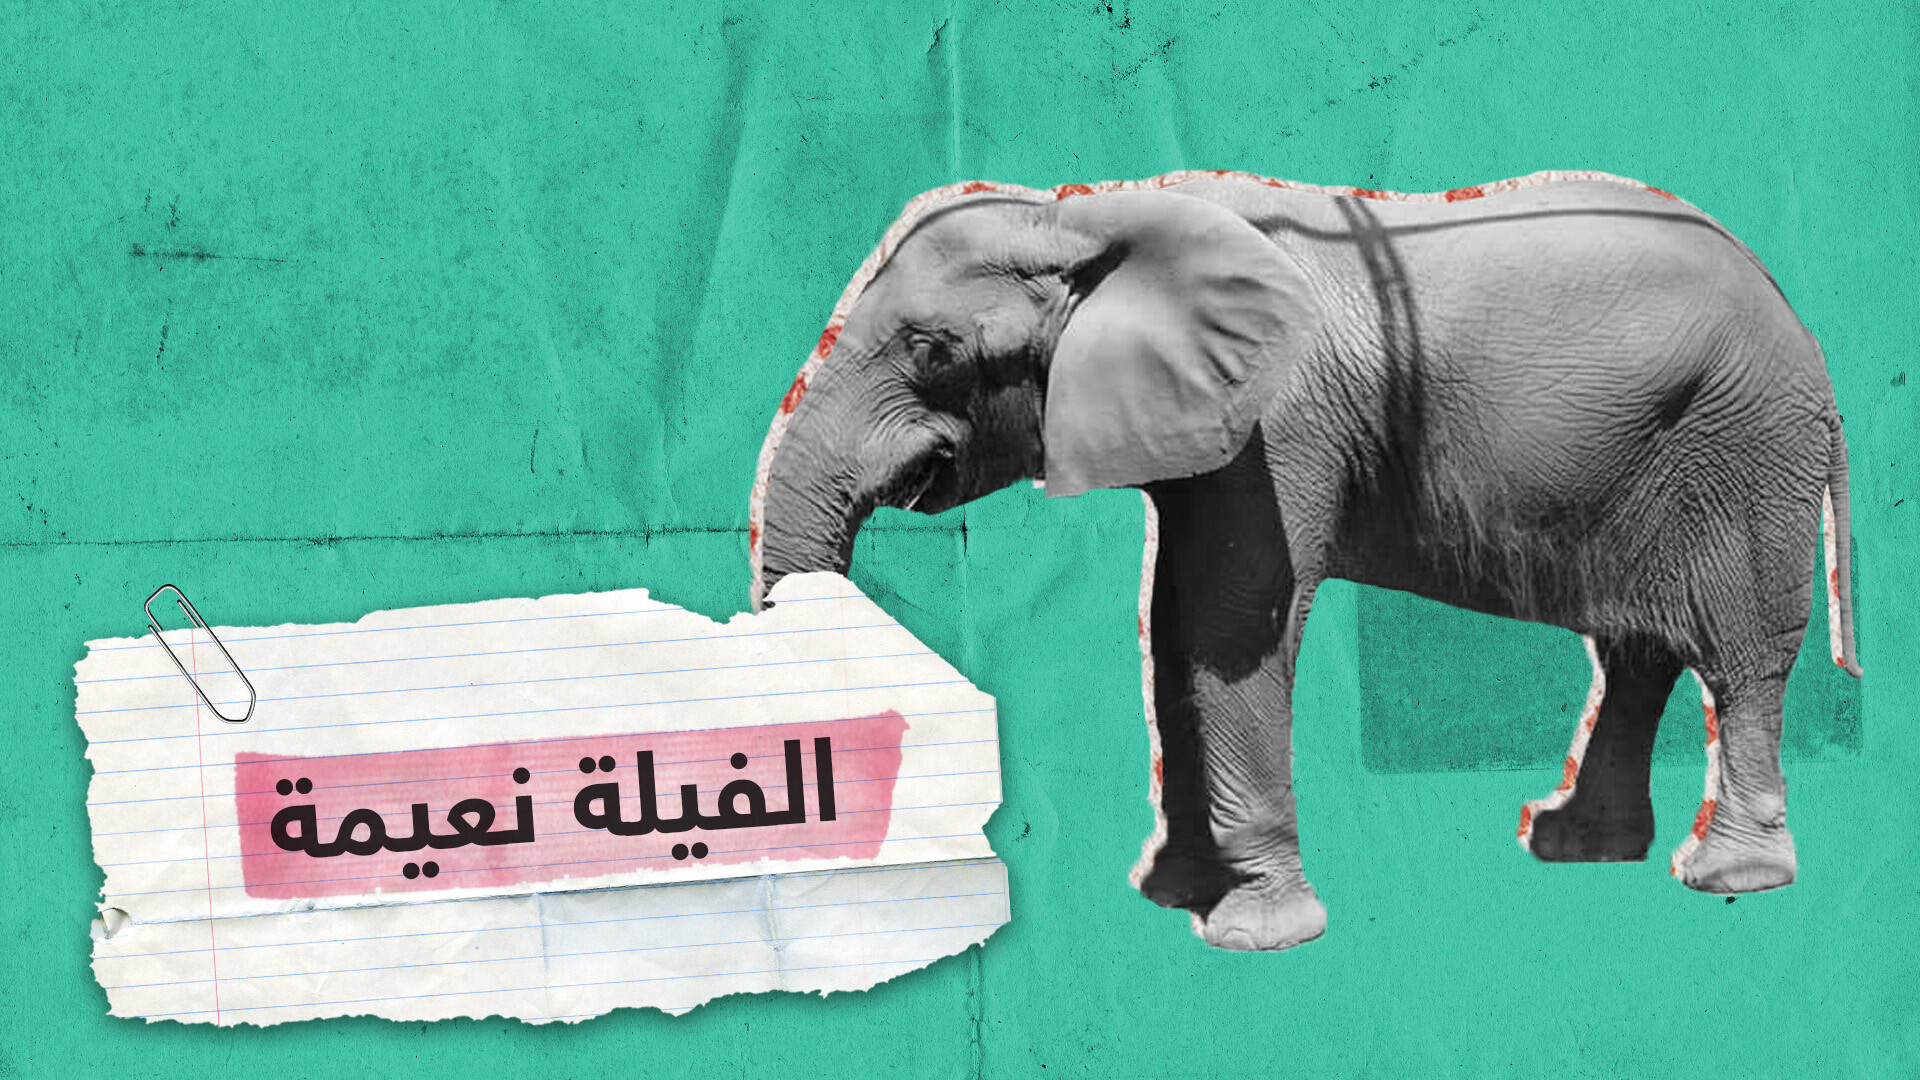 بعد محاولات لإنقاذها.. نفوق آخر فيلة حديقة الجيزة المصرية